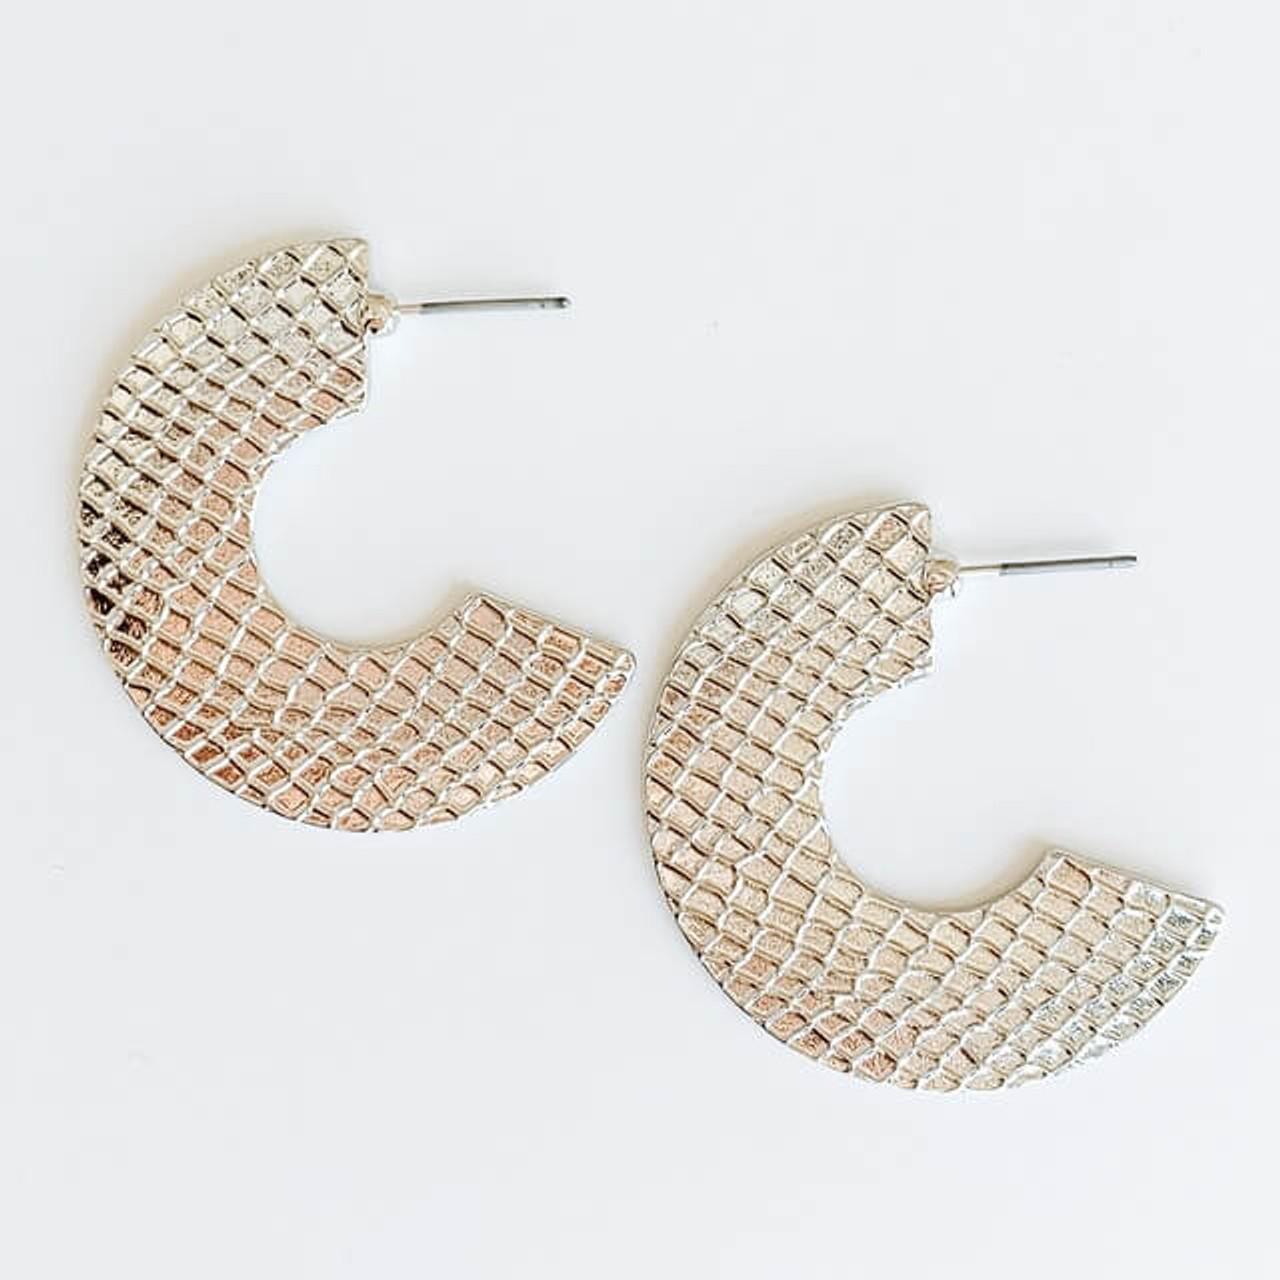 Silver snakeskin textured metal earrings, Nickel and lead free.